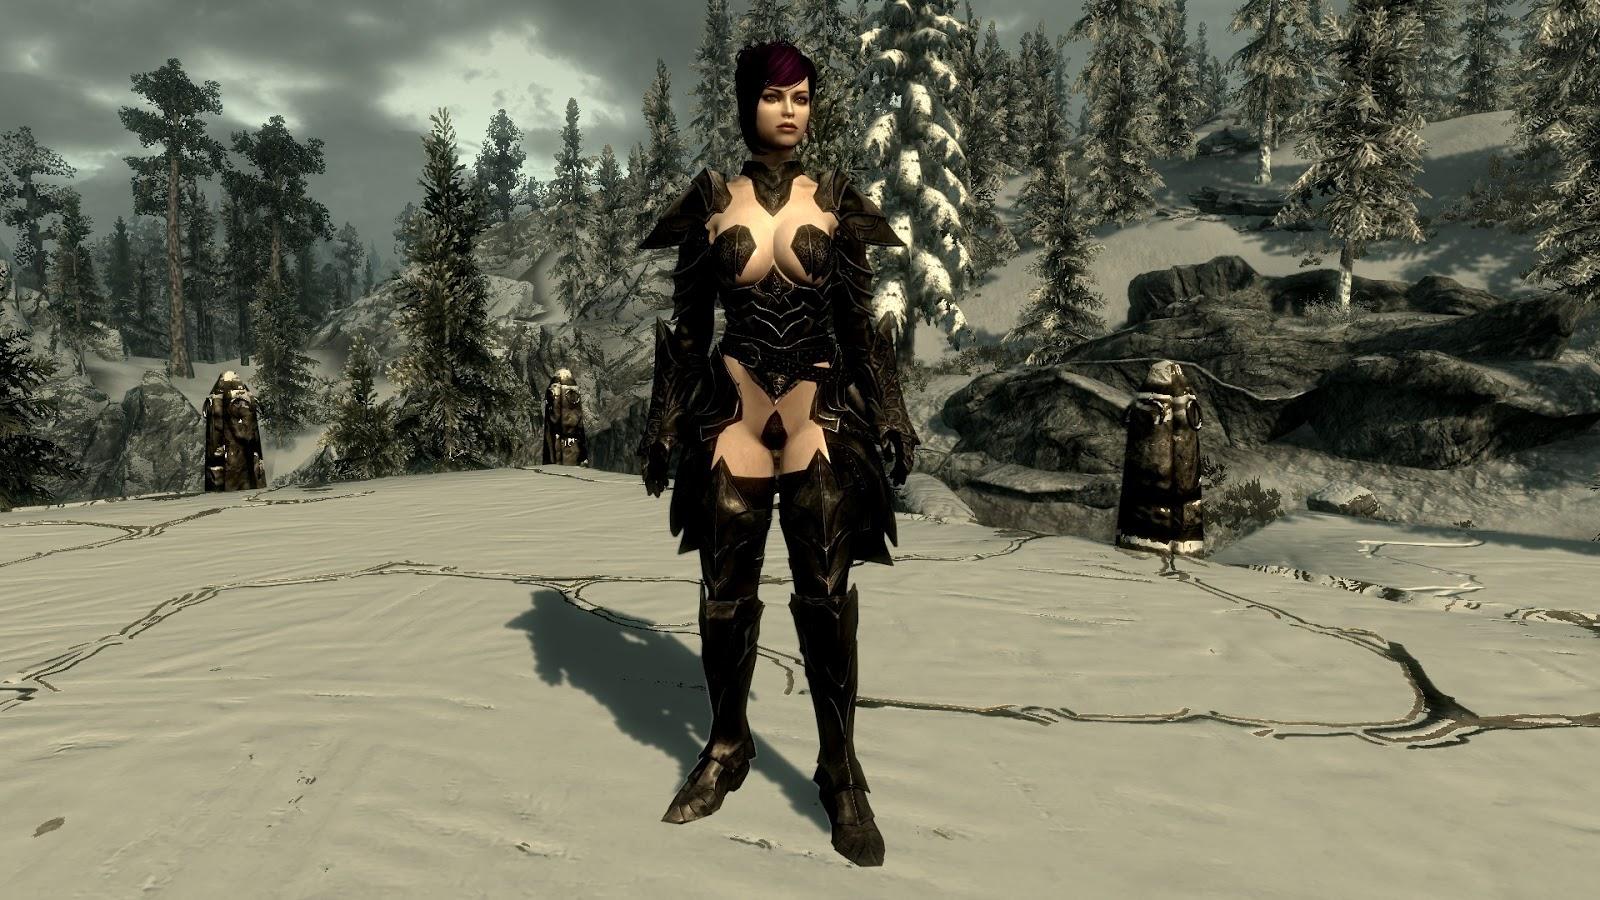 Where to find ebony armor skyrim